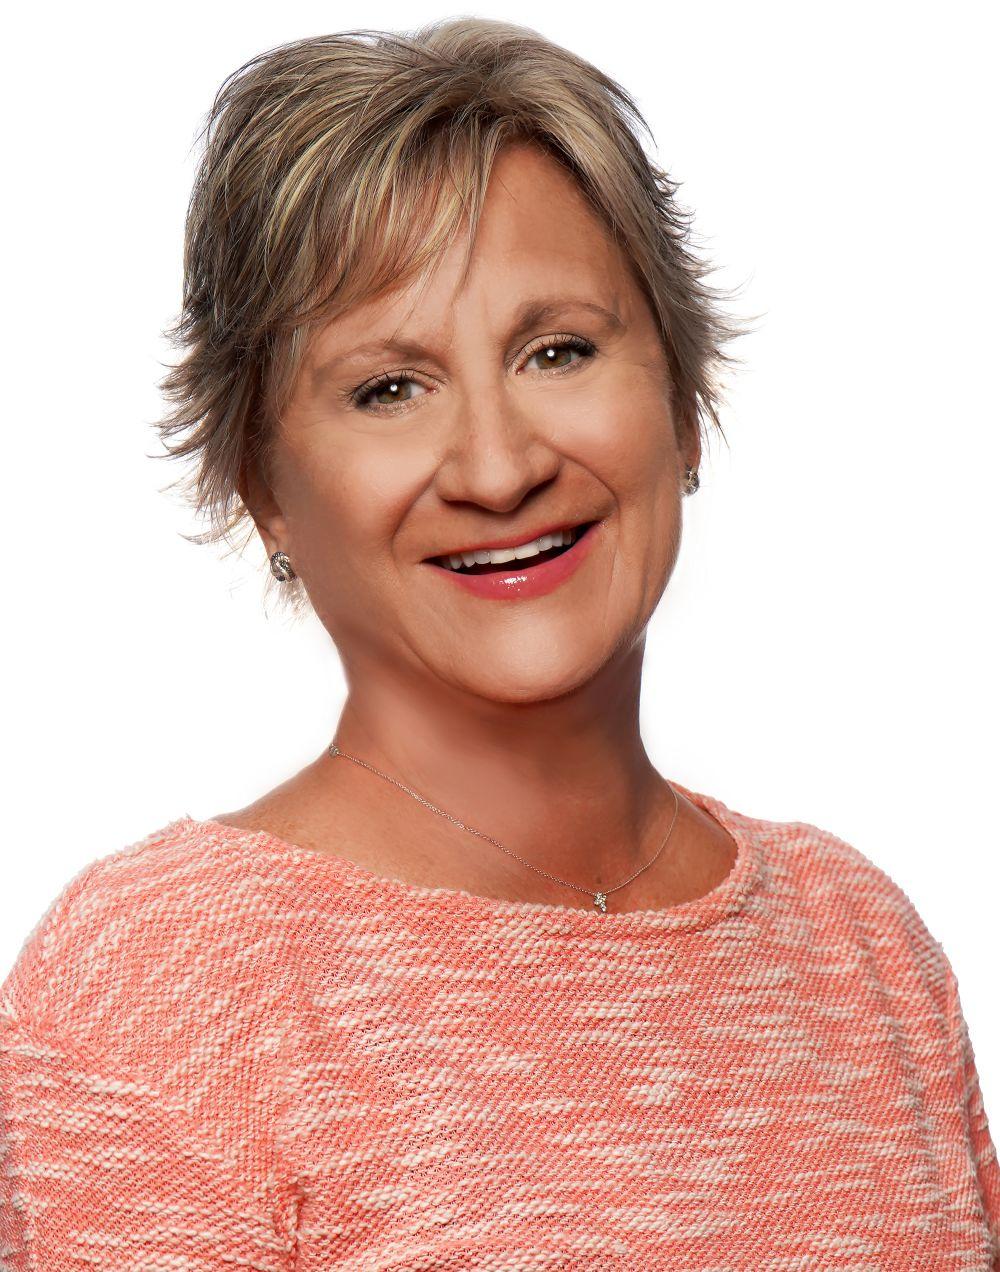 Anna Hubbard